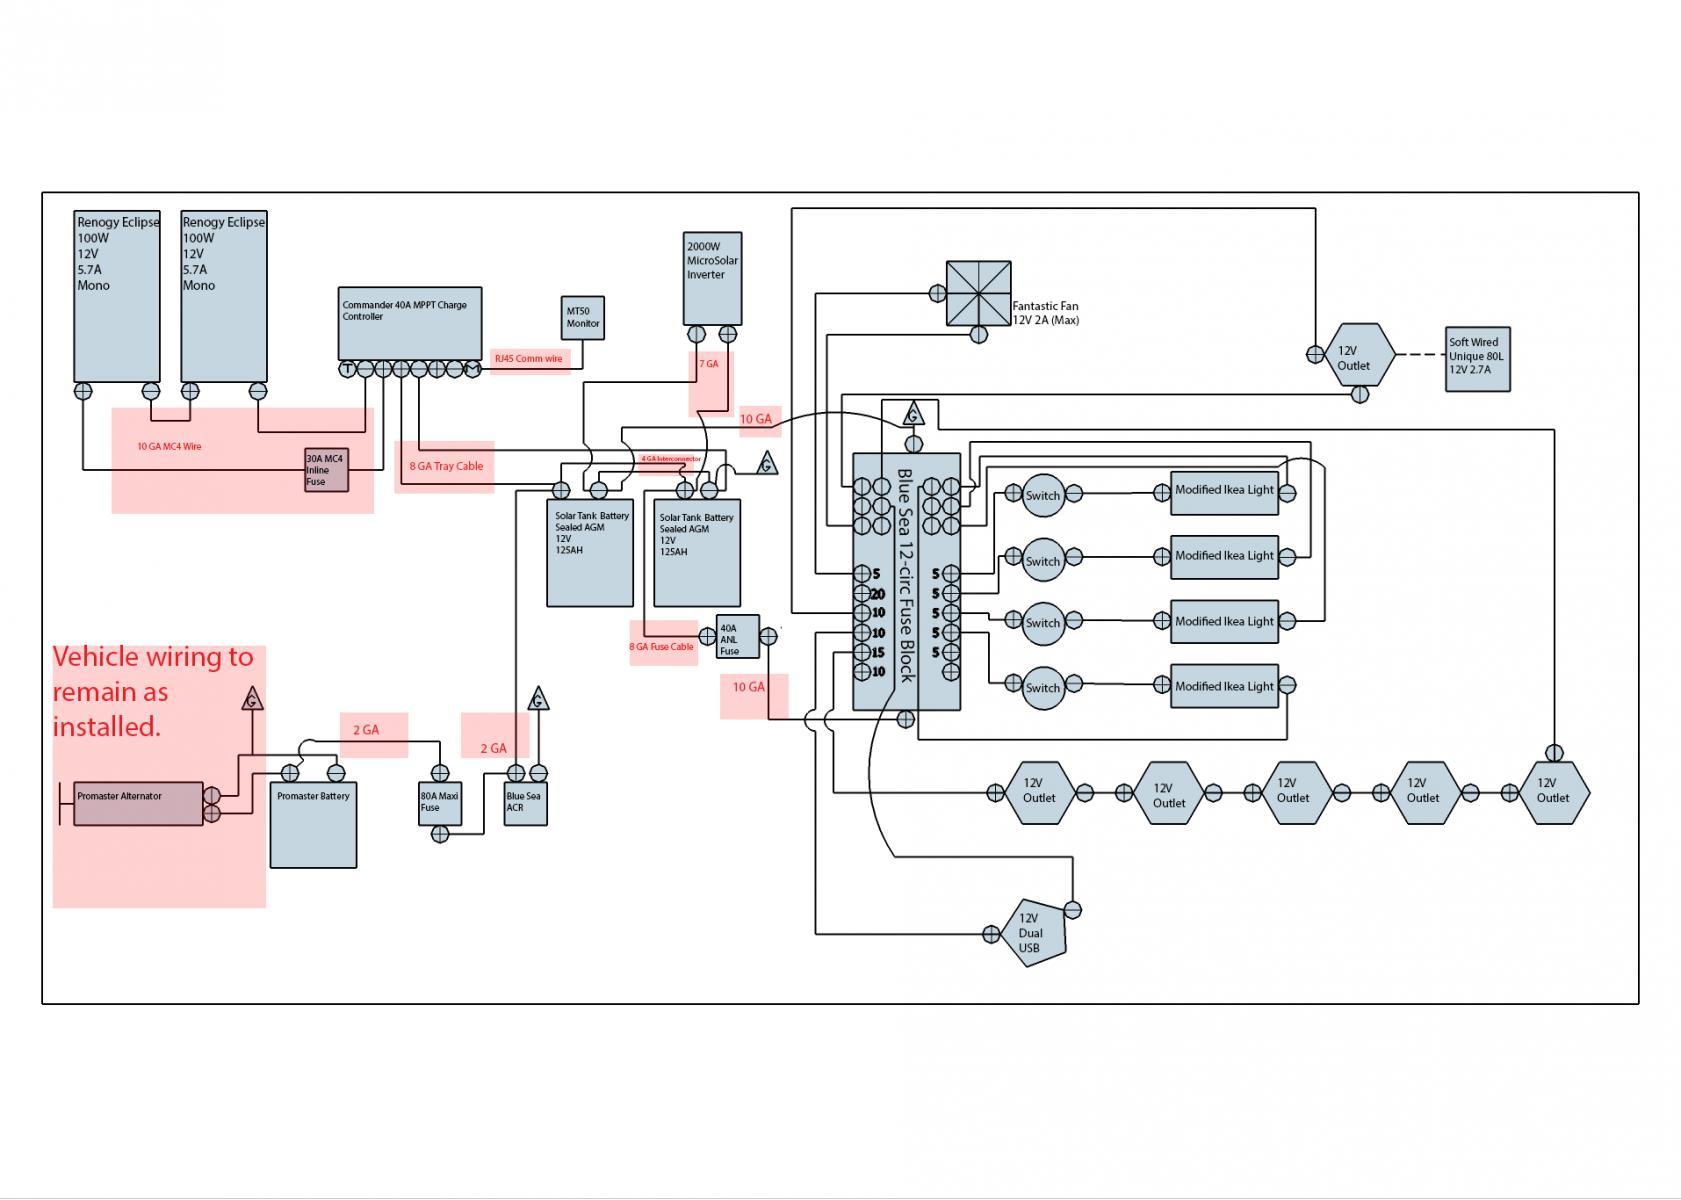 Promaster Wiring Diagram